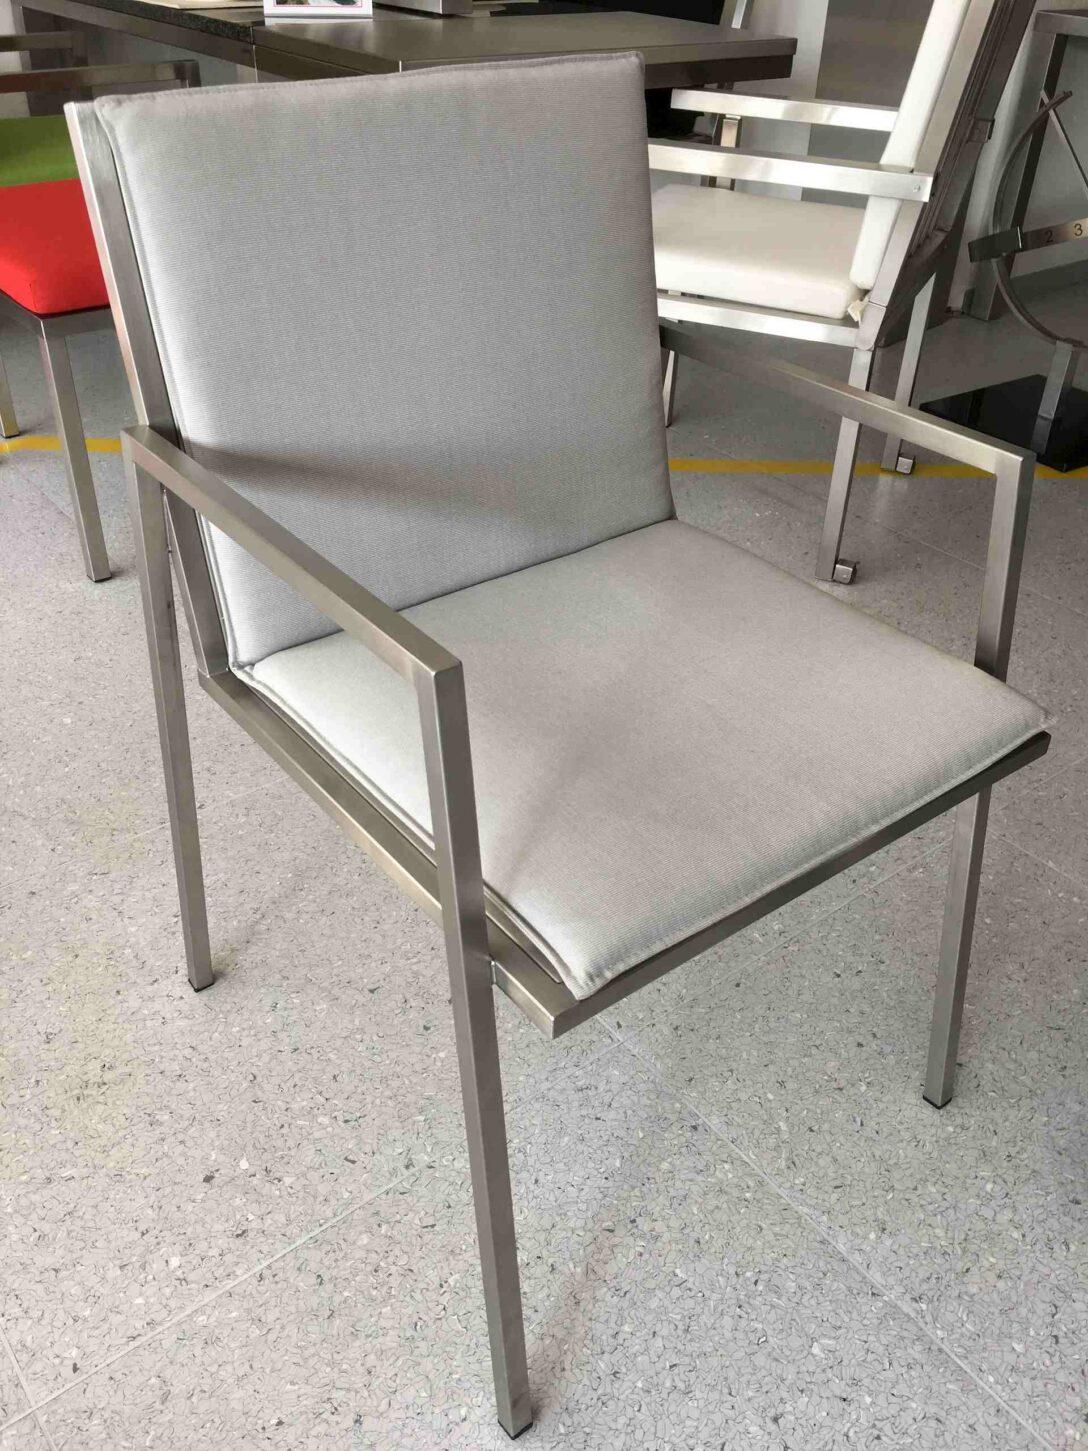 Large Size of Liegestuhl Bauhaus Auflage Holz Relax Garten Kaufen Klapp Klappbar Kinder Balkon Polster Stapelstuhl 204 Textil Fenster Wohnzimmer Liegestuhl Bauhaus